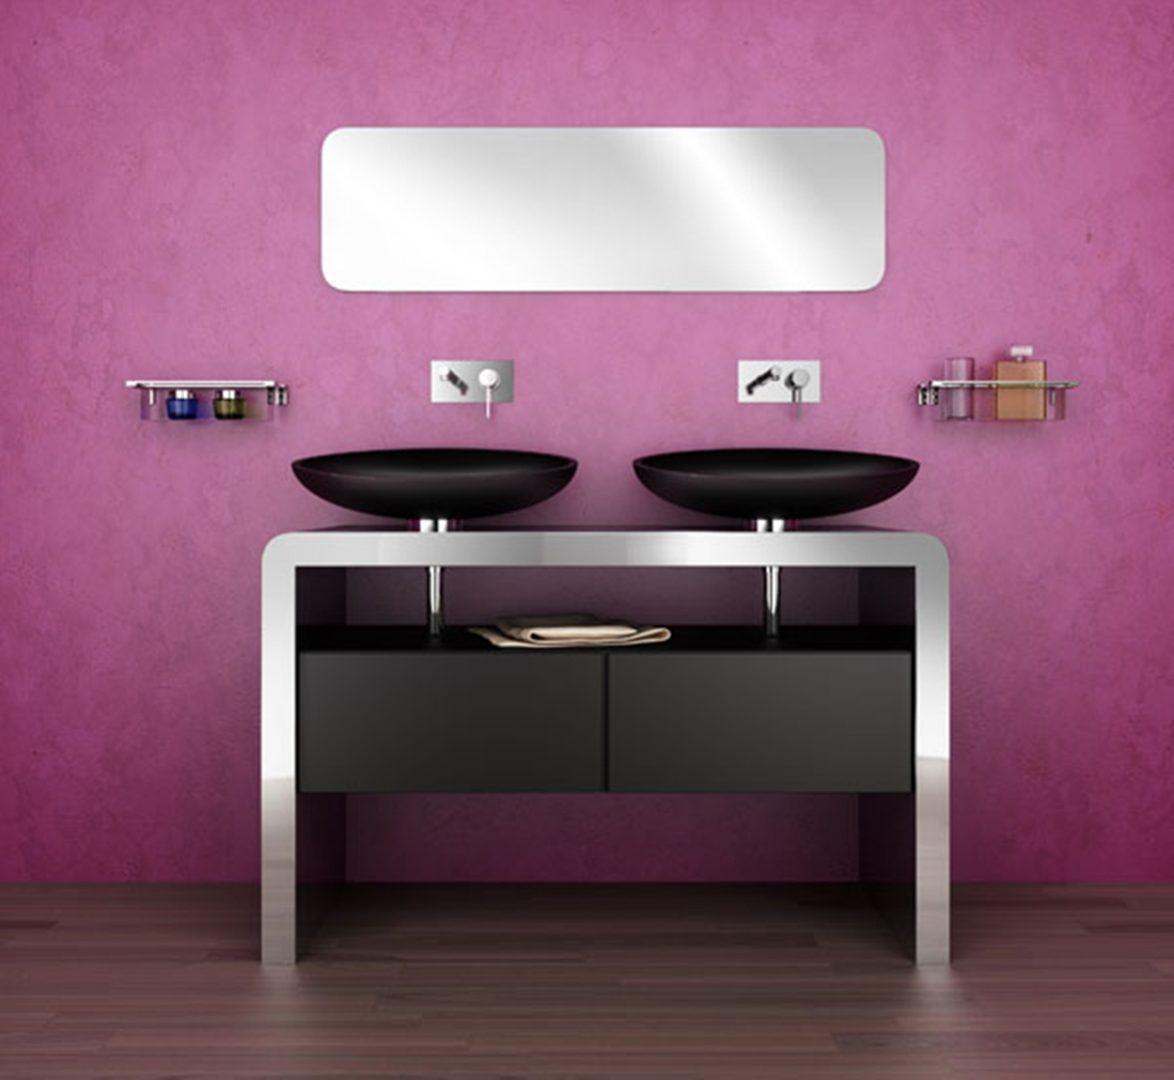 Muebles para lavabo modernos im genes y fotos for Mueble lavabo moderno